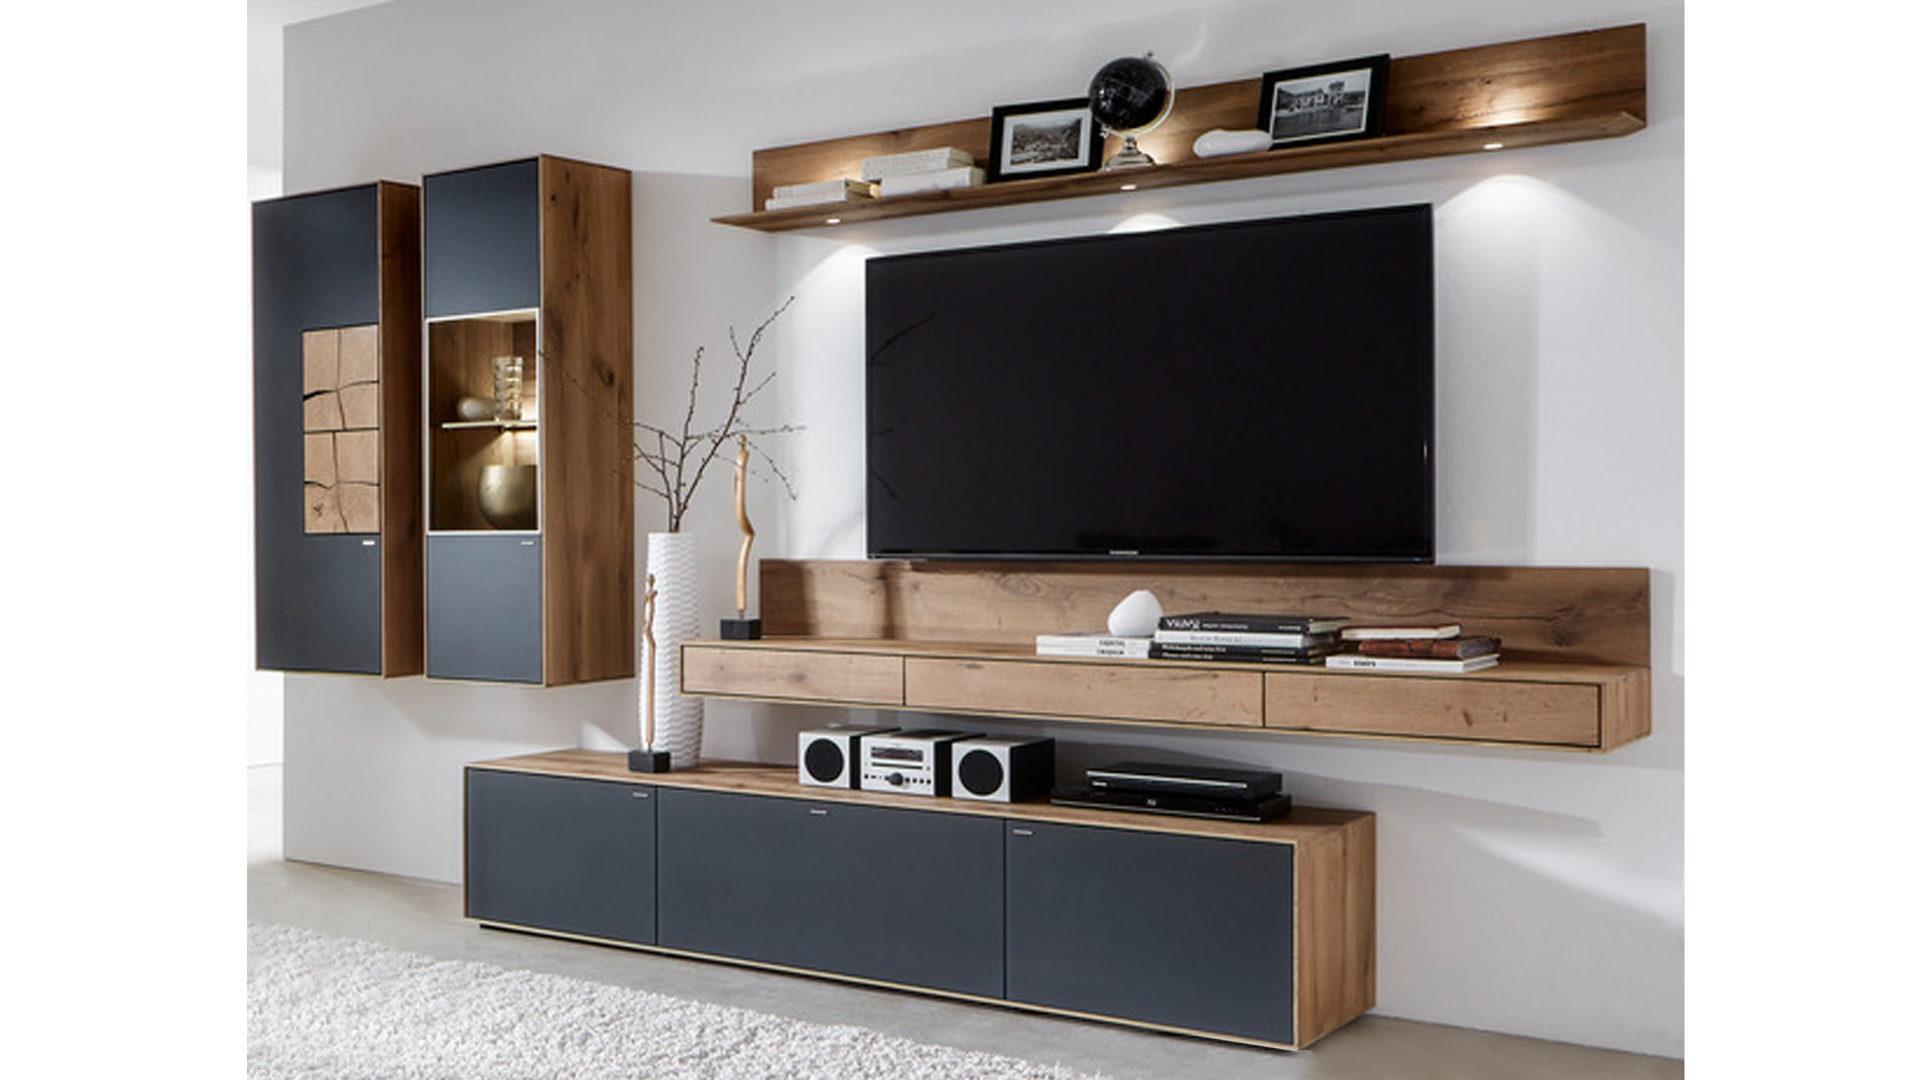 möbel eilers apen | räume | wohnzimmer | schränke + wohnwände ... - Wohnzimmer Eiche Grau